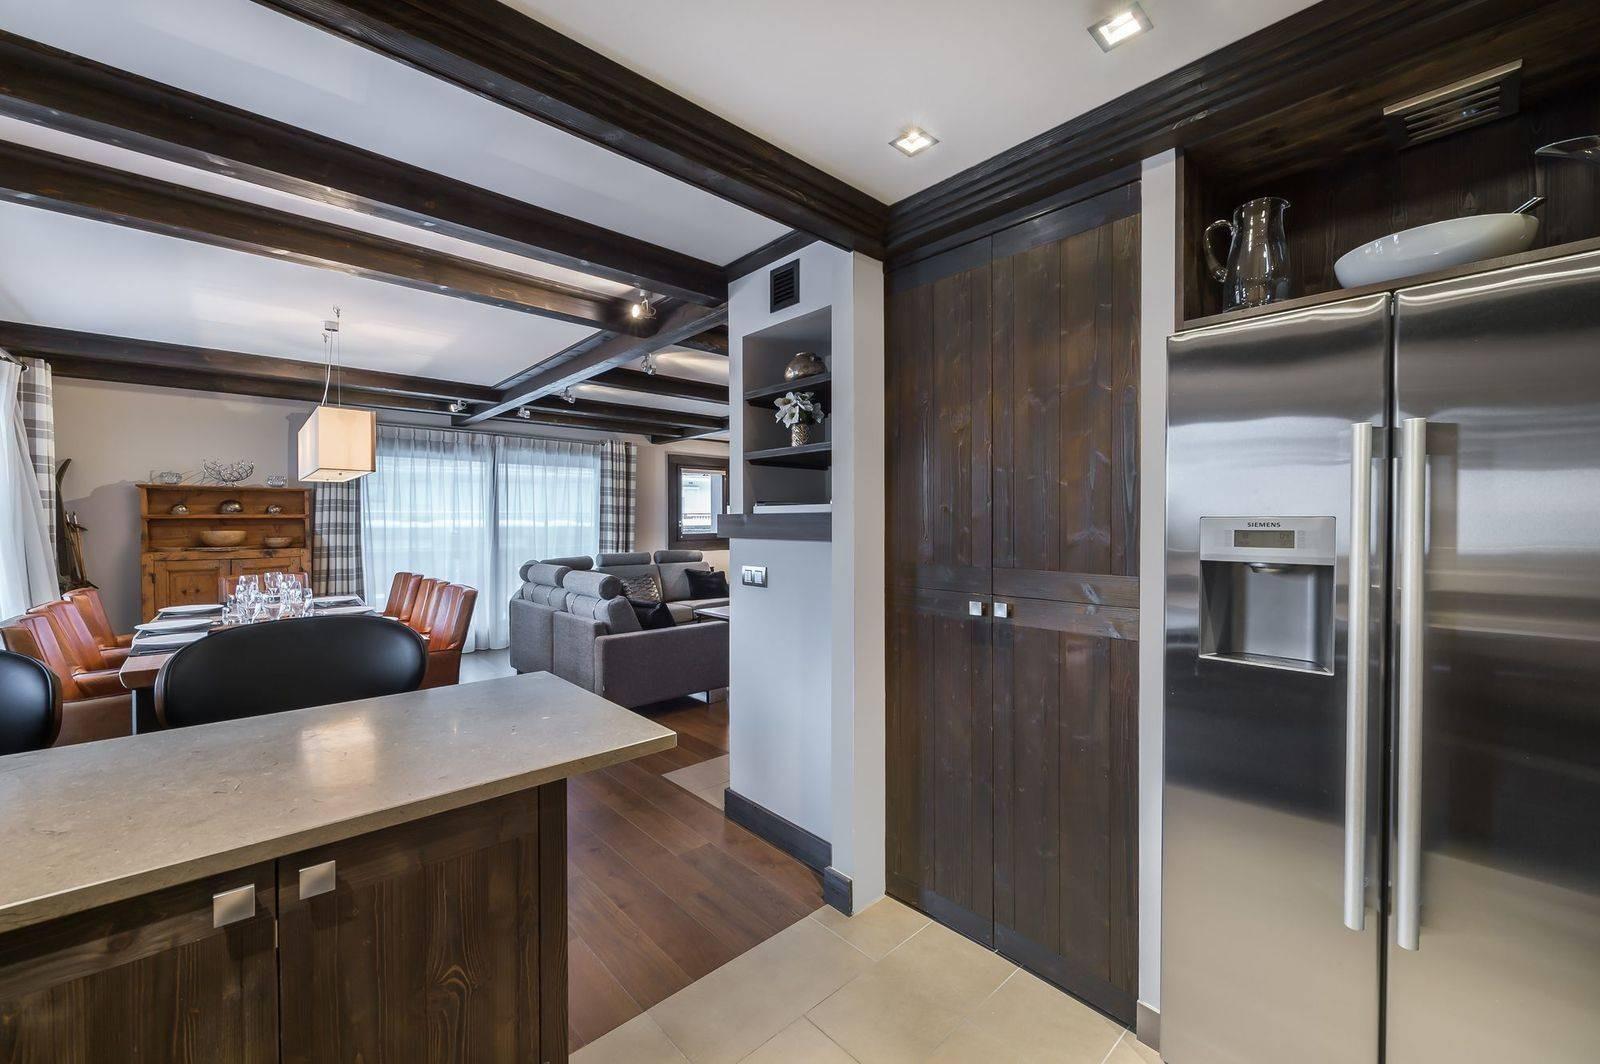 Courchevel 1650 Luxury Rental Appartment Neroflier Kitchen 2